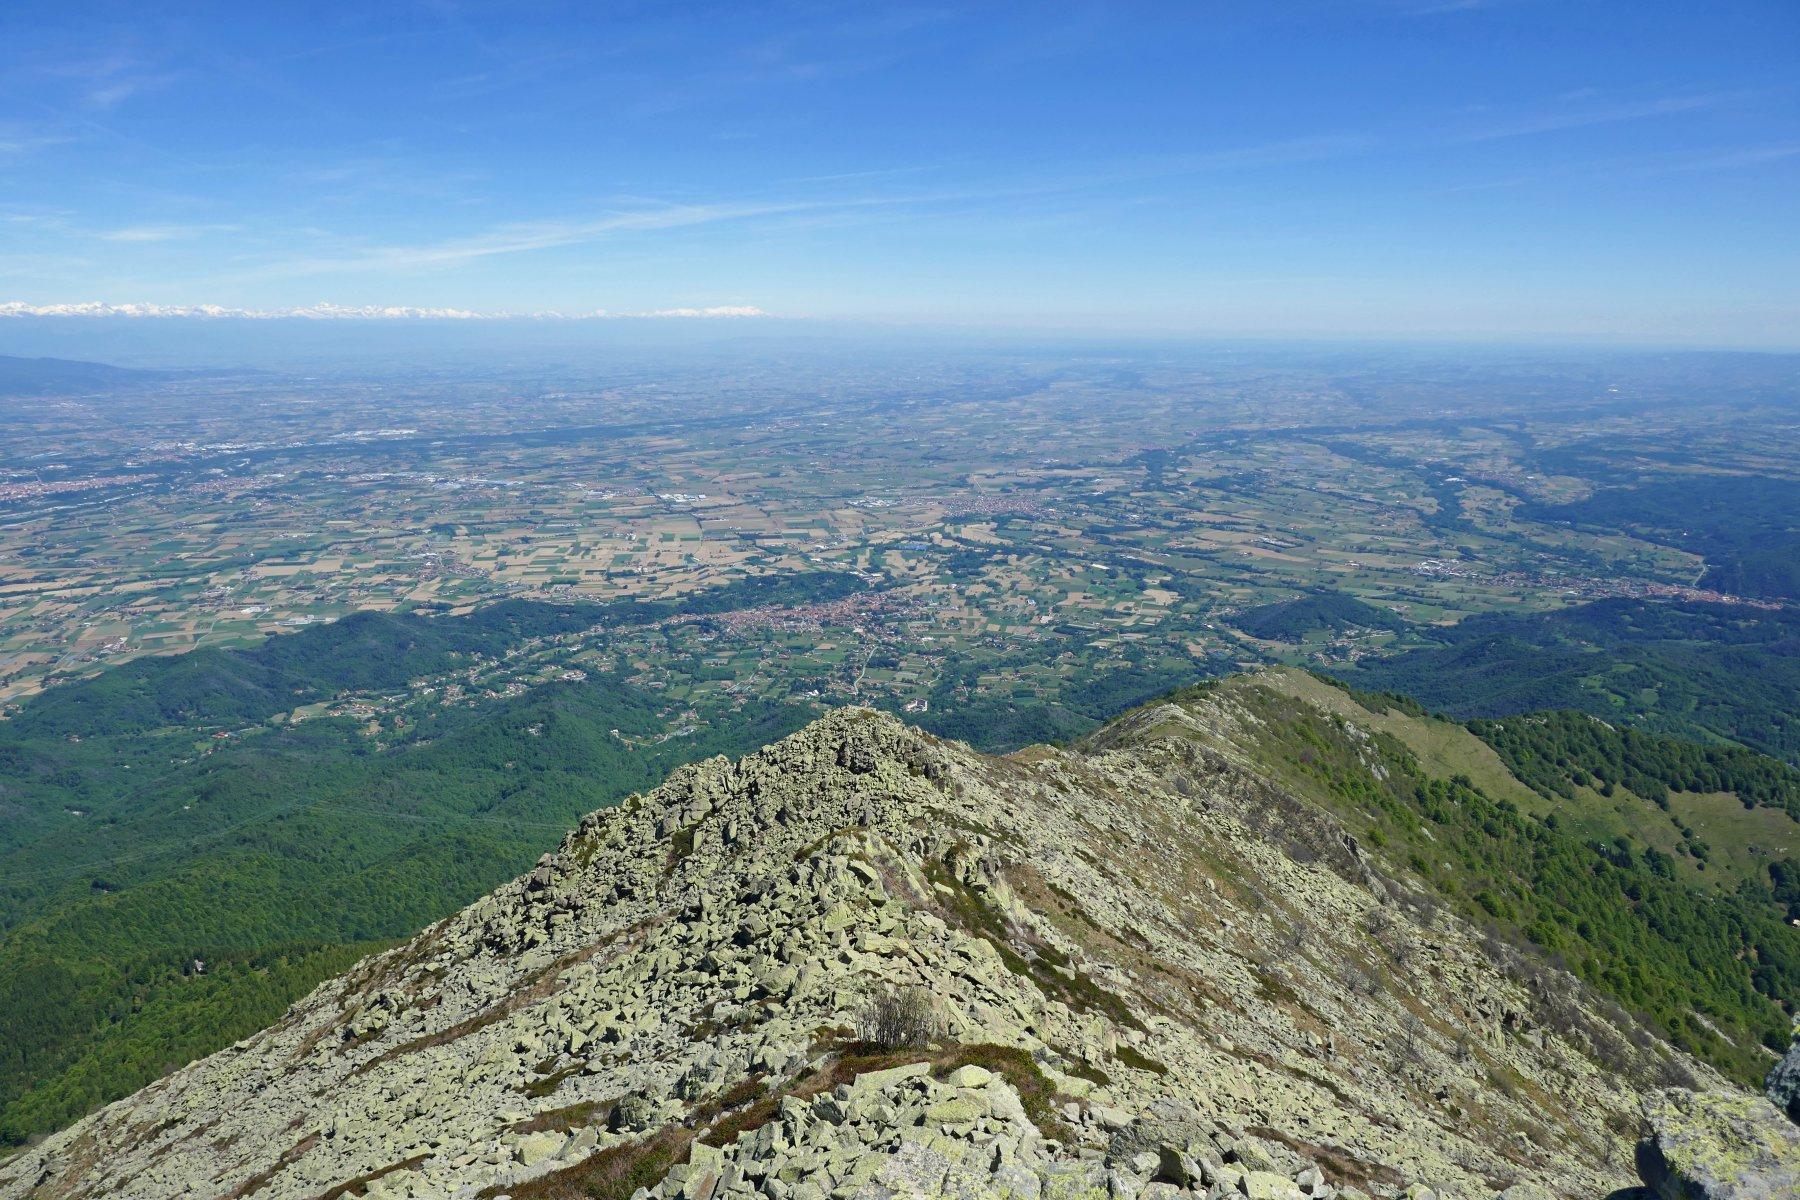 Salendo lungo la cresta la vista si apre sulla pianura